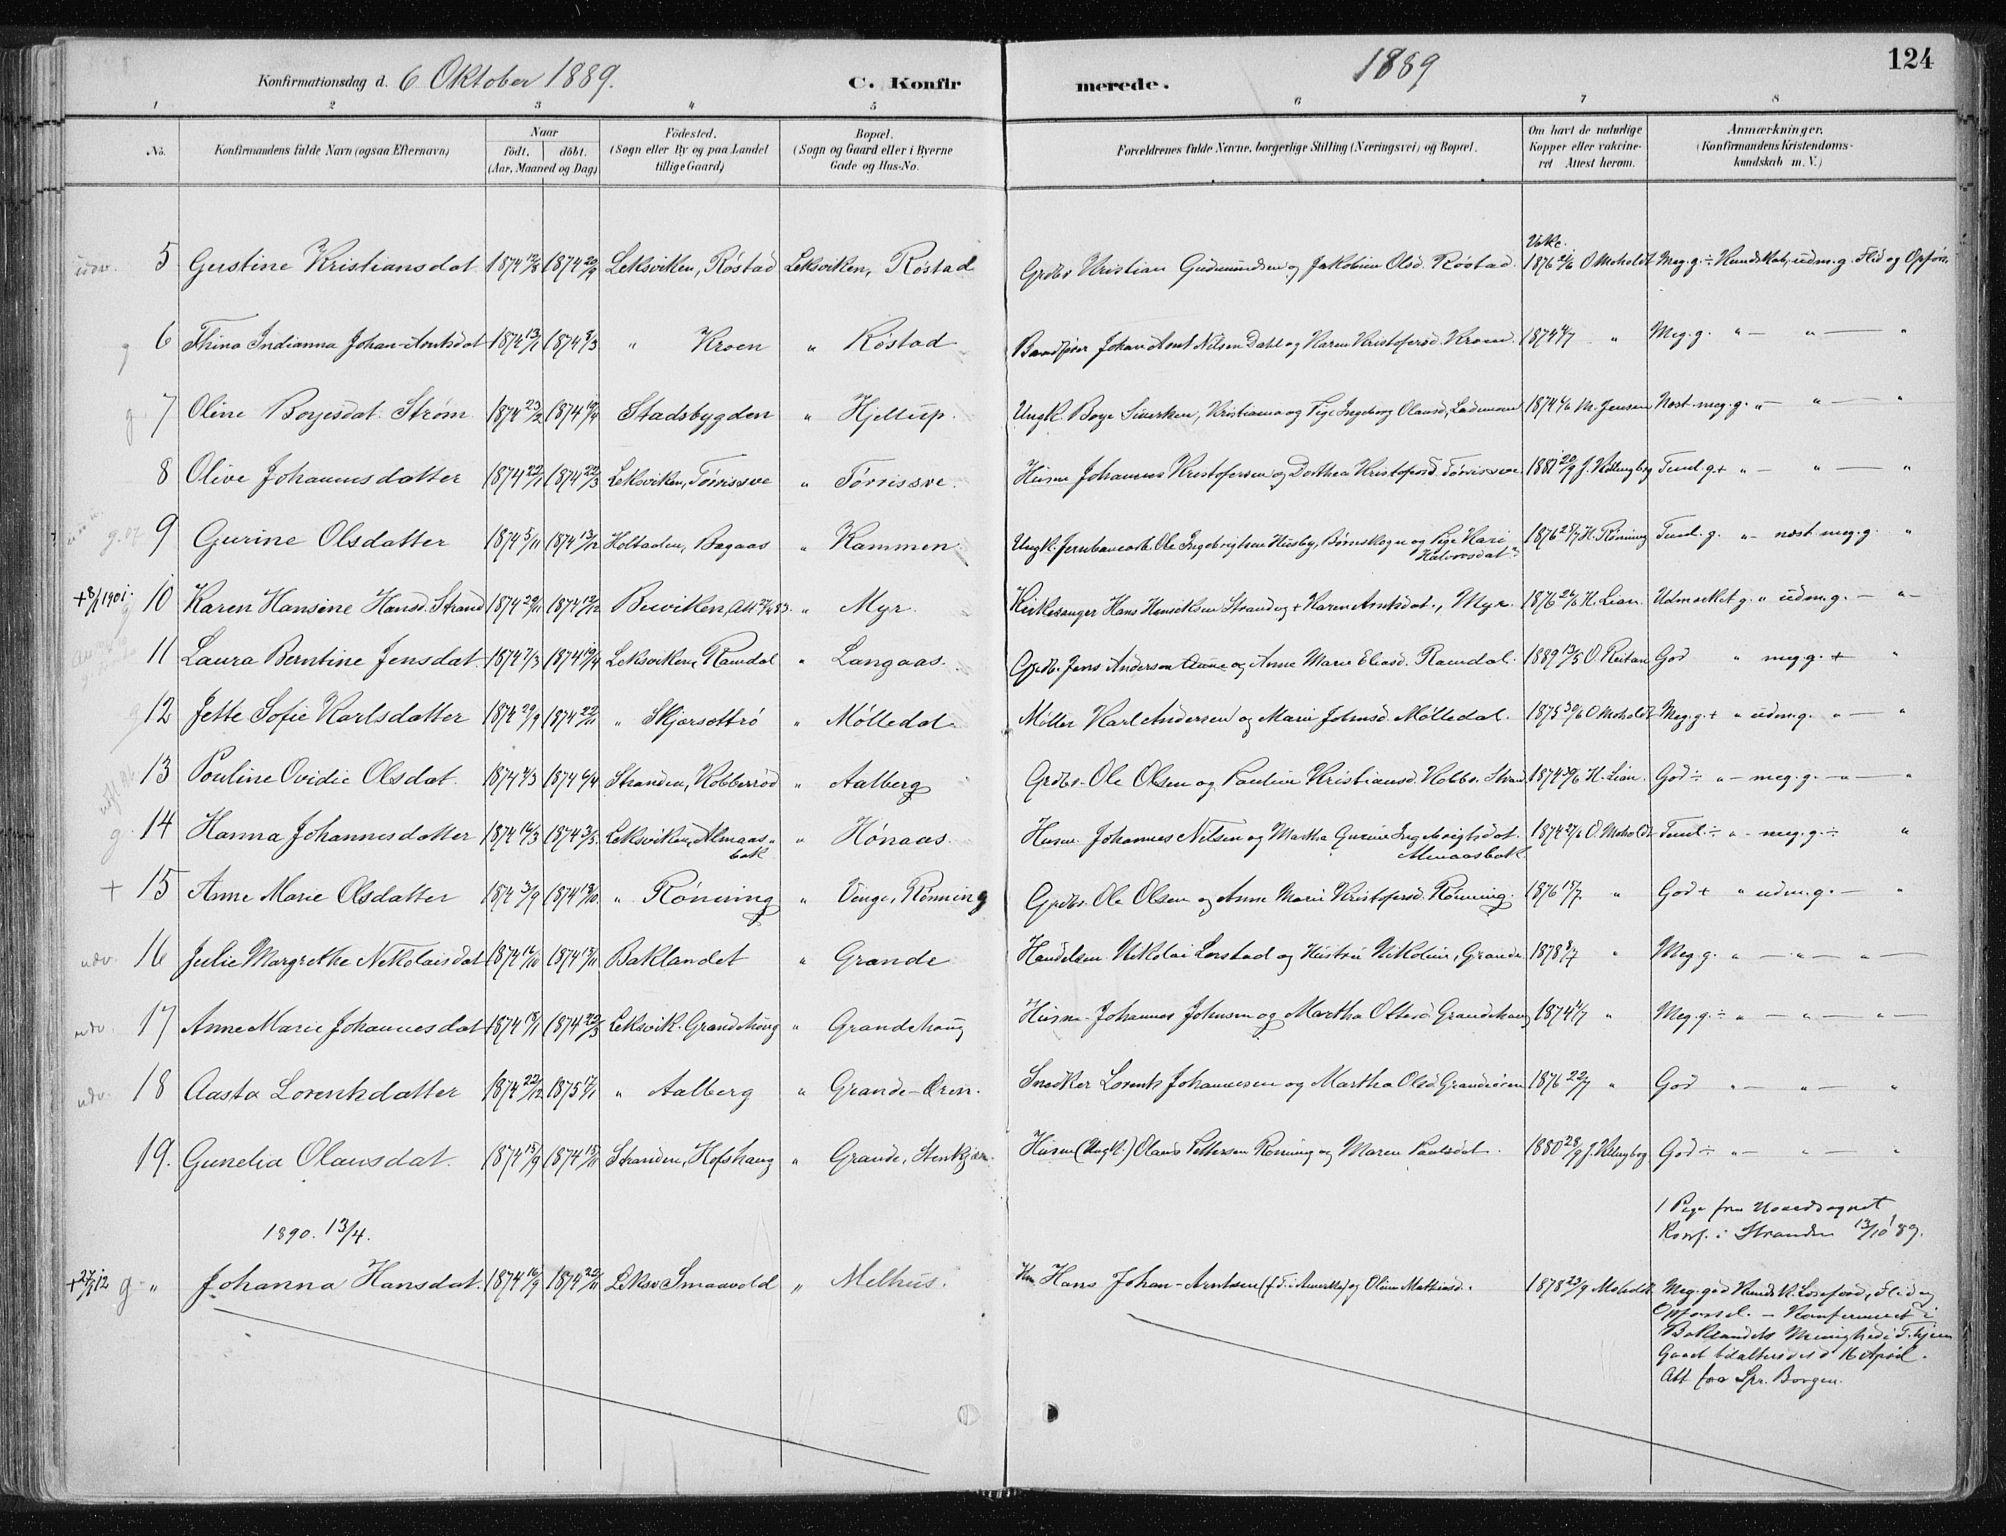 SAT, Ministerialprotokoller, klokkerbøker og fødselsregistre - Nord-Trøndelag, 701/L0010: Ministerialbok nr. 701A10, 1883-1899, s. 124